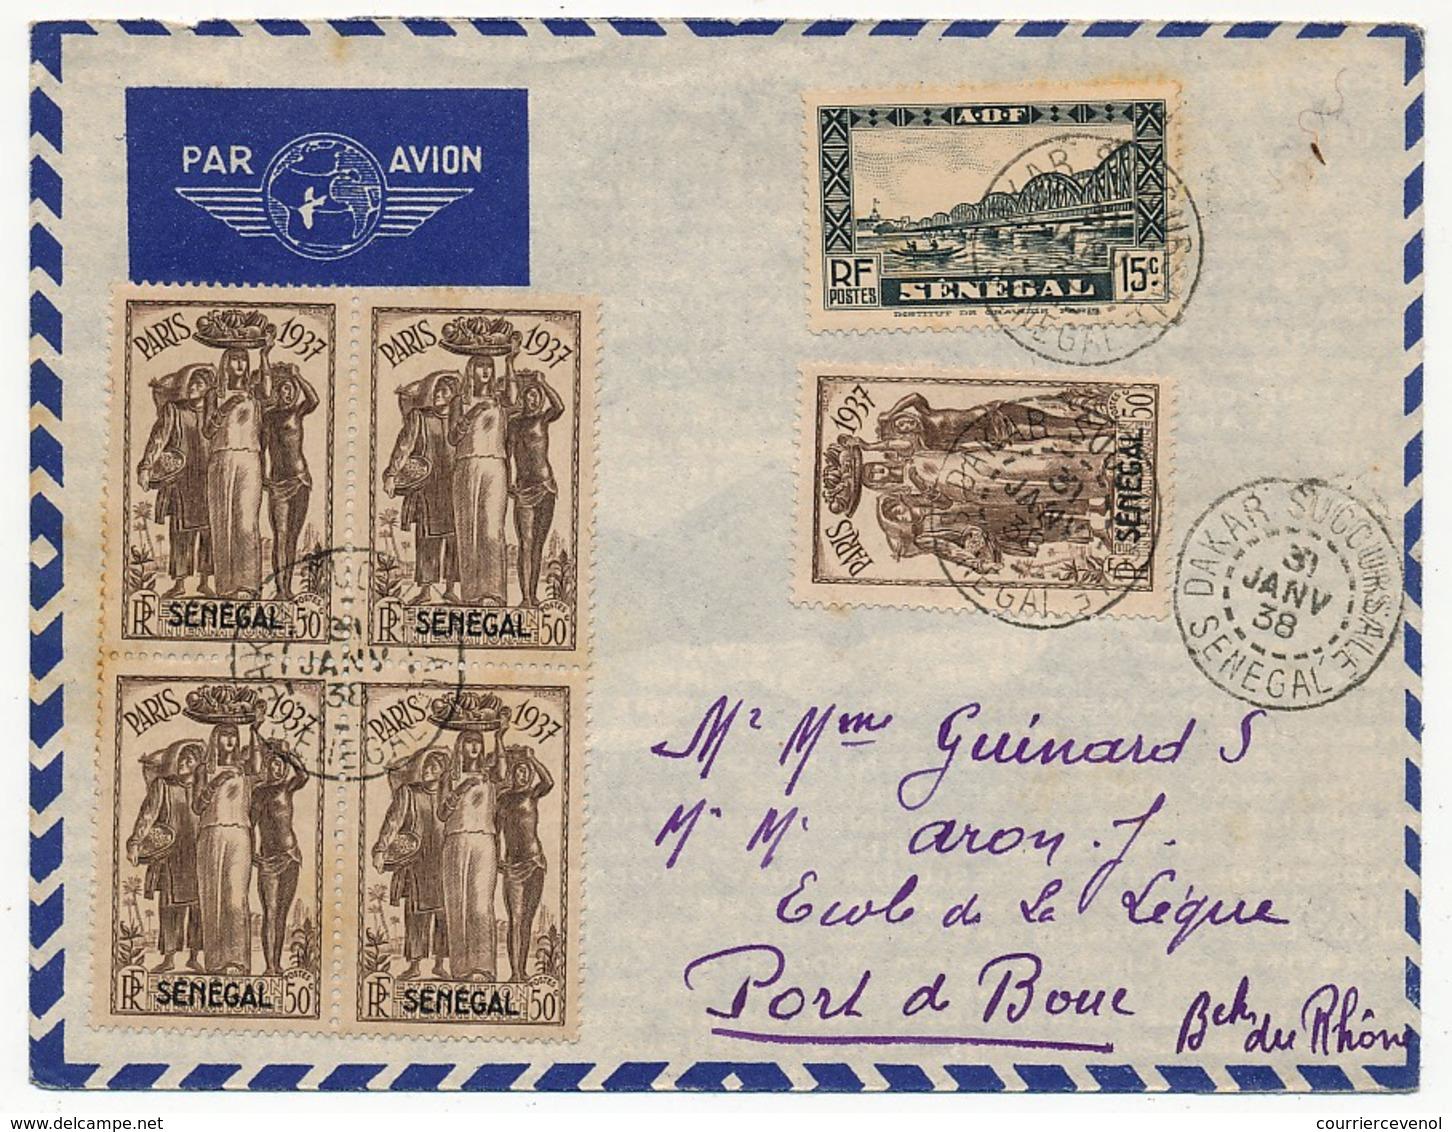 SENEGAL - Belle Enveloppe Affr. Composé Dont 50c Exposition Internationale De Paris 1937 X5 - Dakar Sucoursale 1938 - Sénégal (1887-1944)